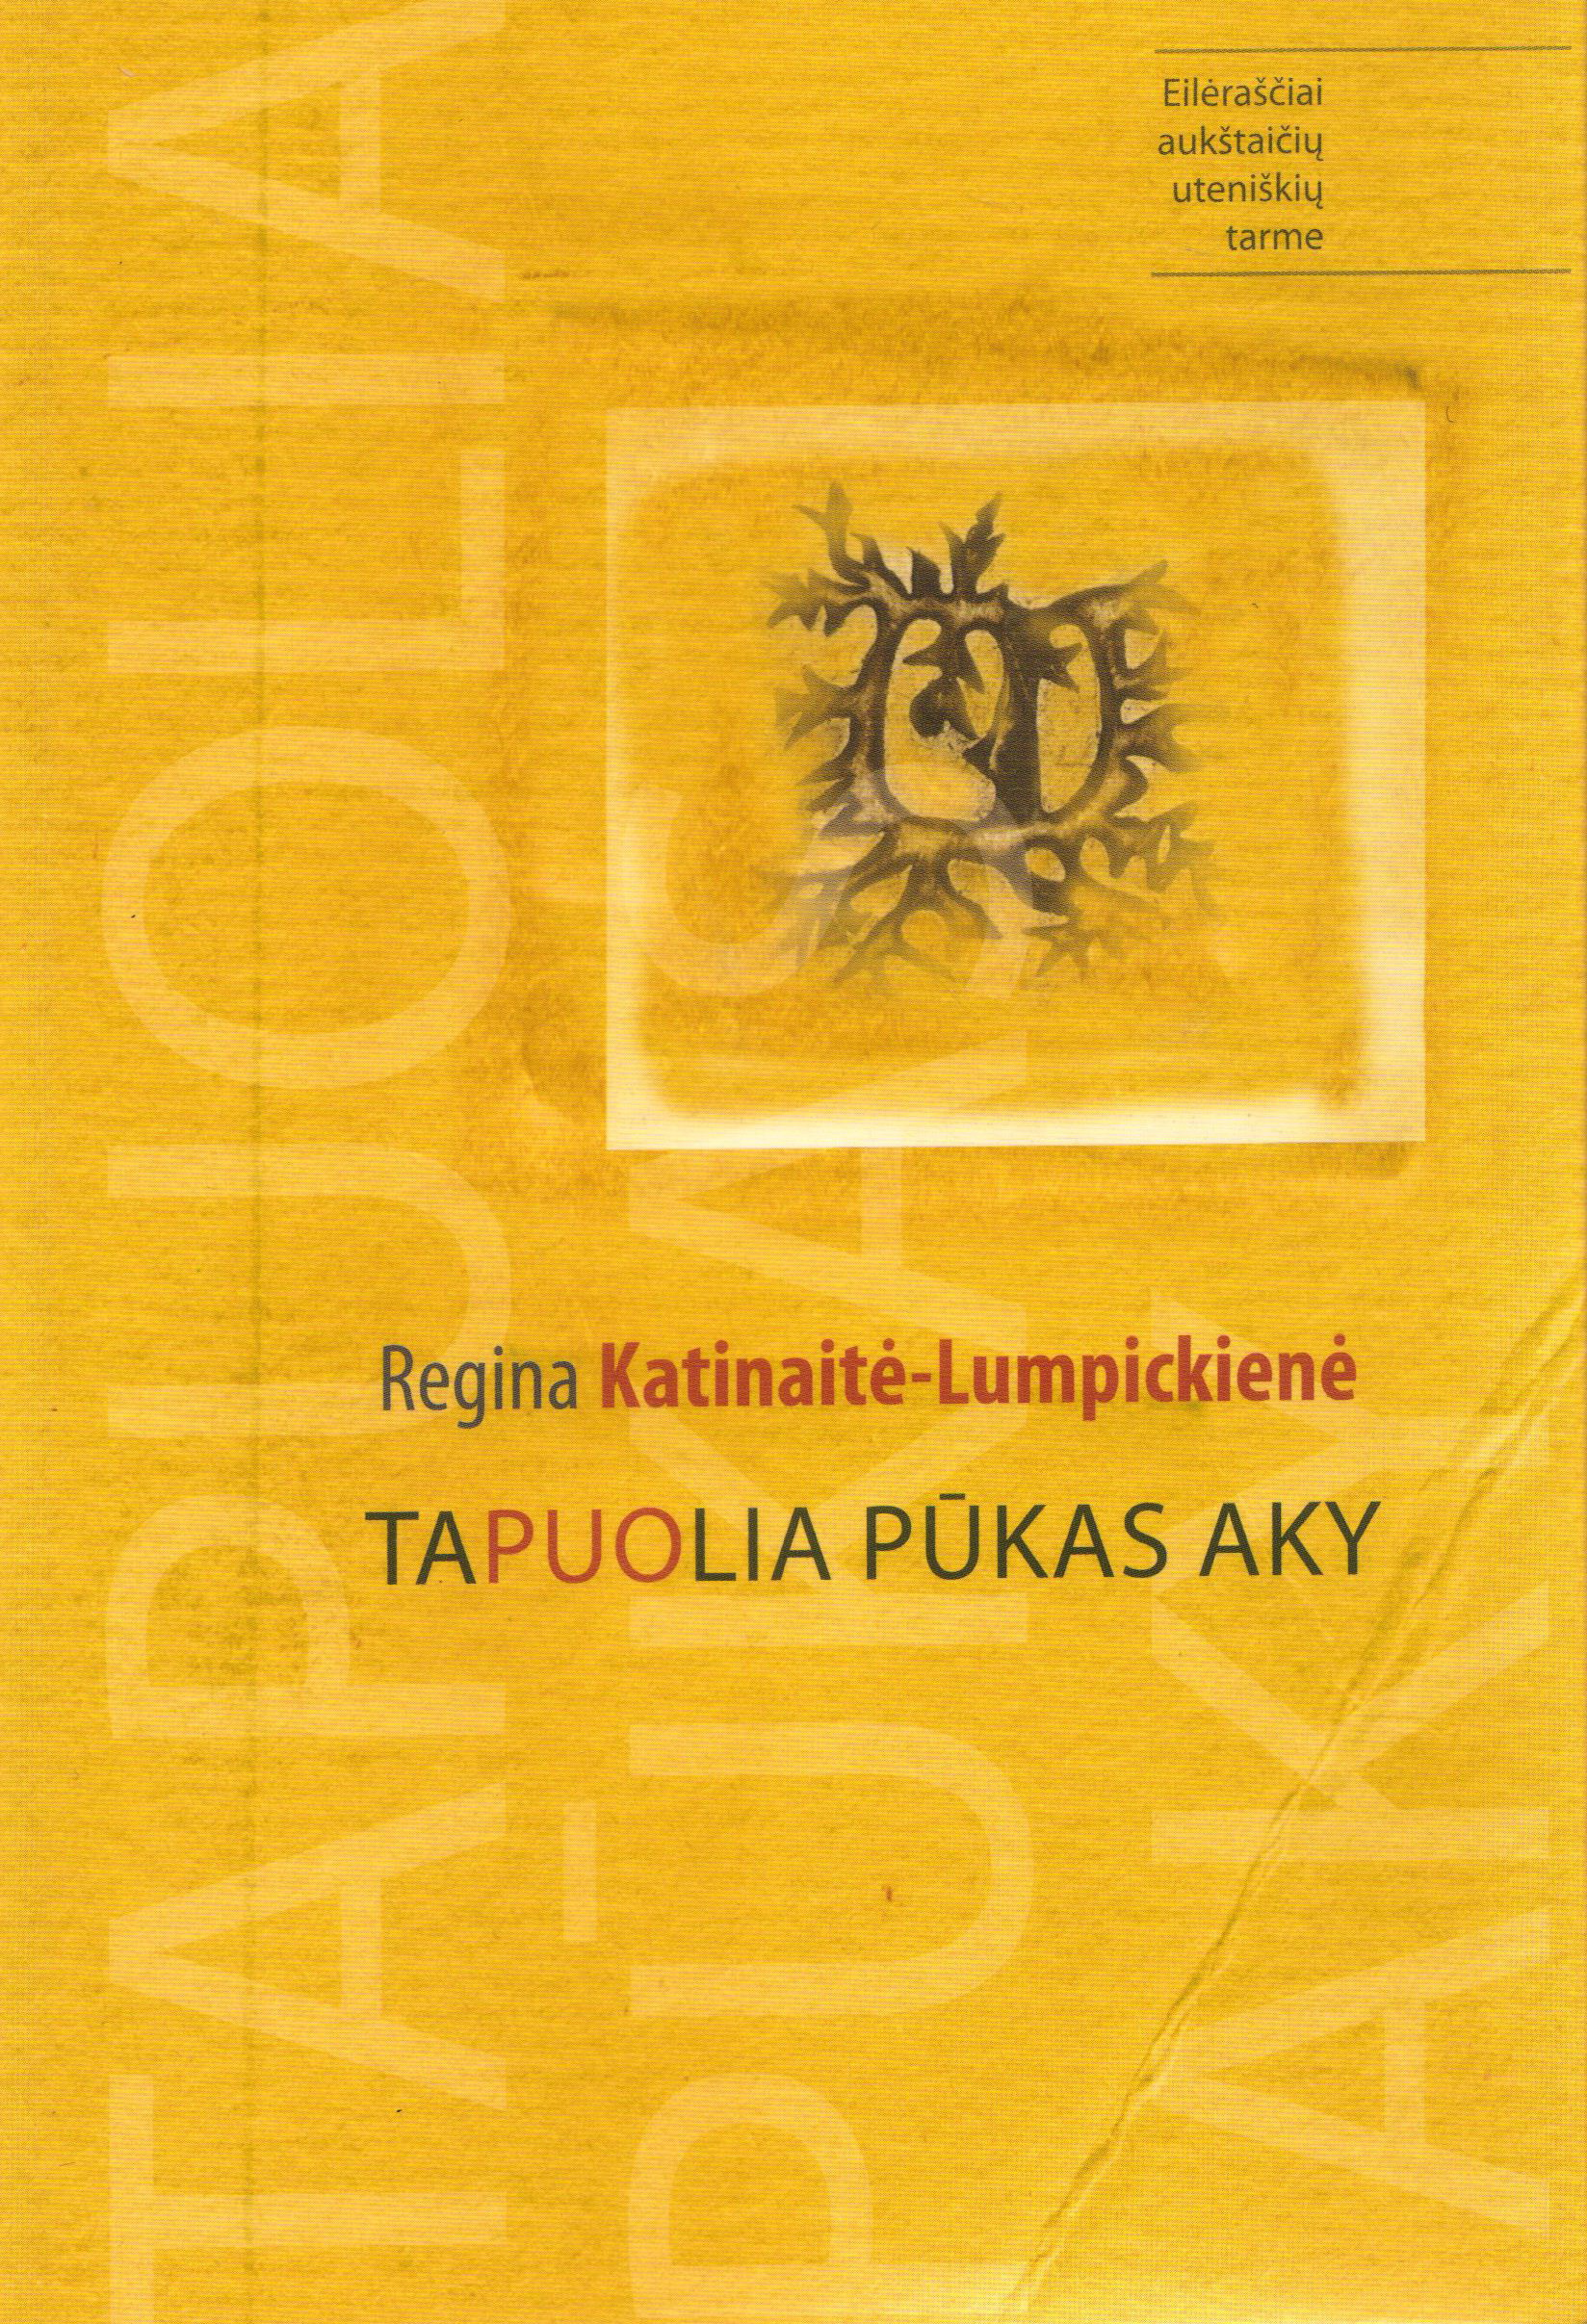 """Regina Katinaitė-Lumpickienė """"Tapuolia pūkas aky"""" (Kaunas: Kauko laiptai, 2018)"""